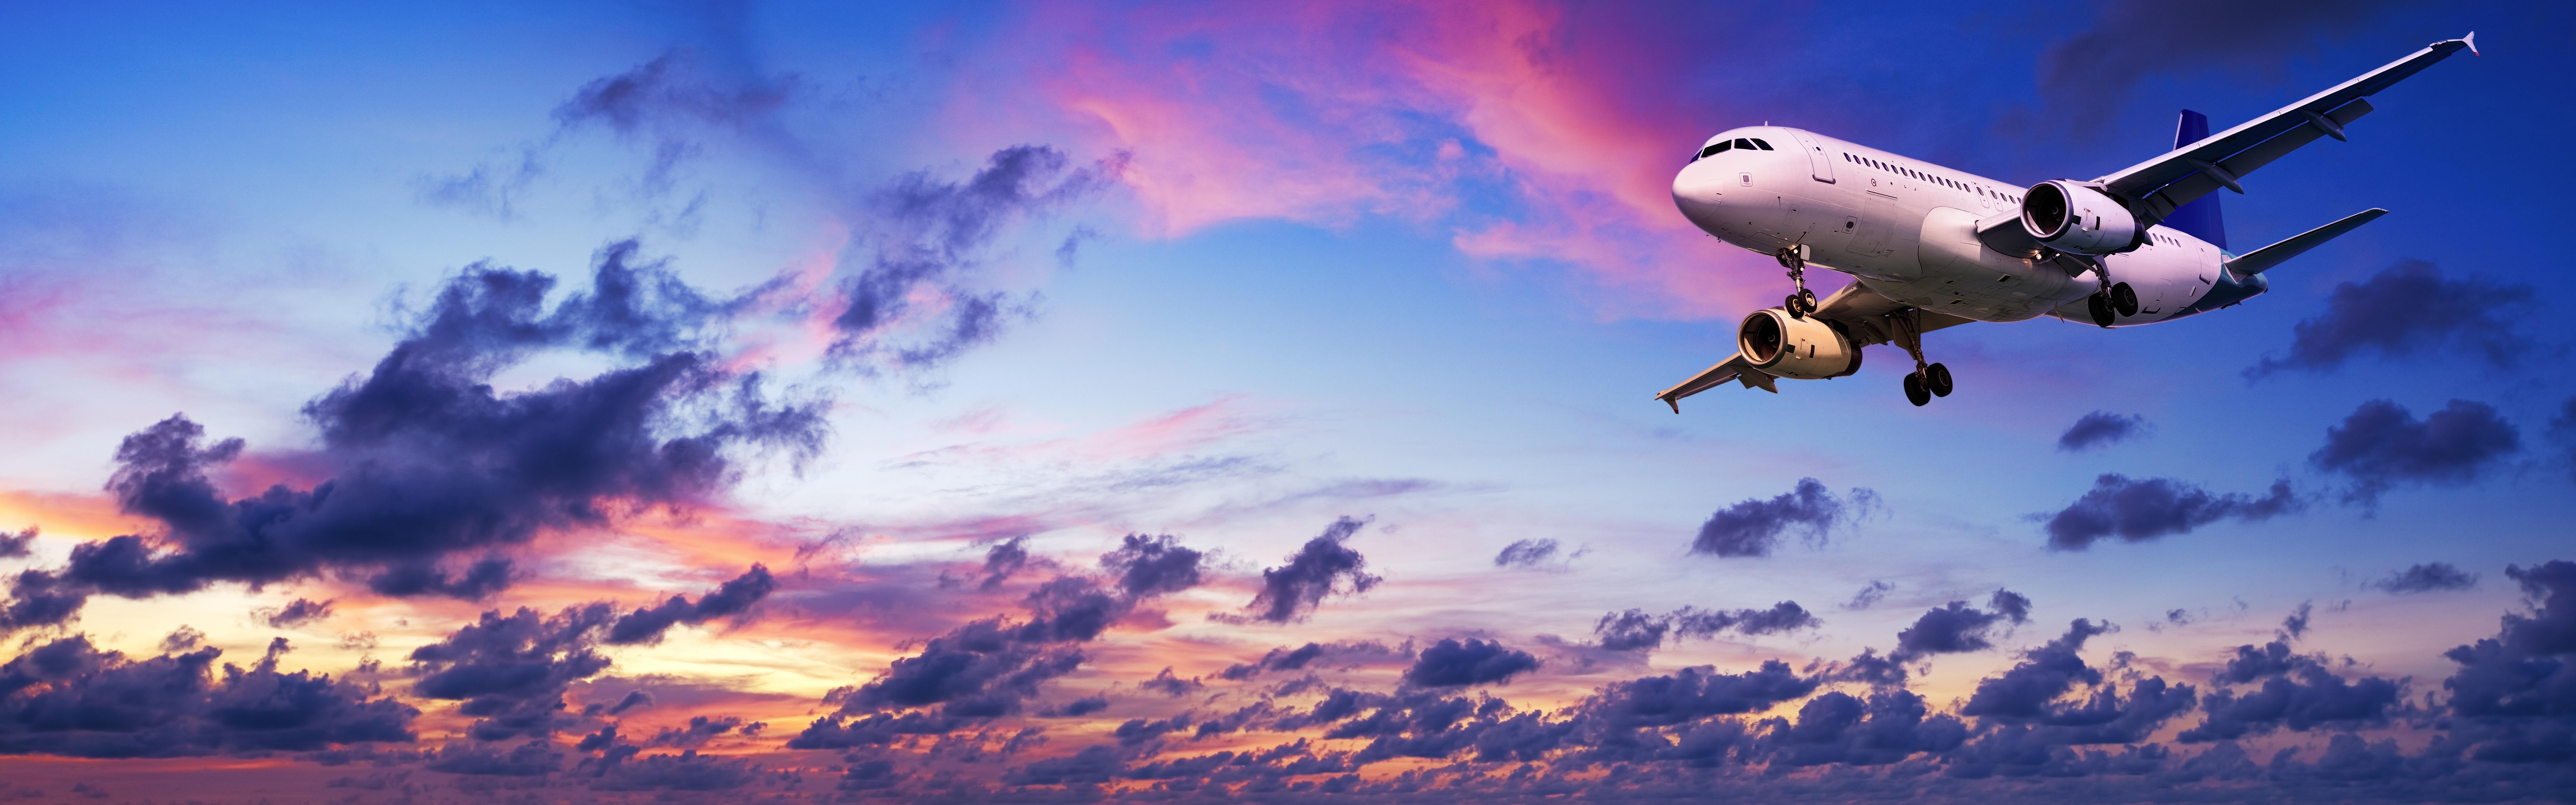 Почему мы боимся заказывать авиабилеты через интернет